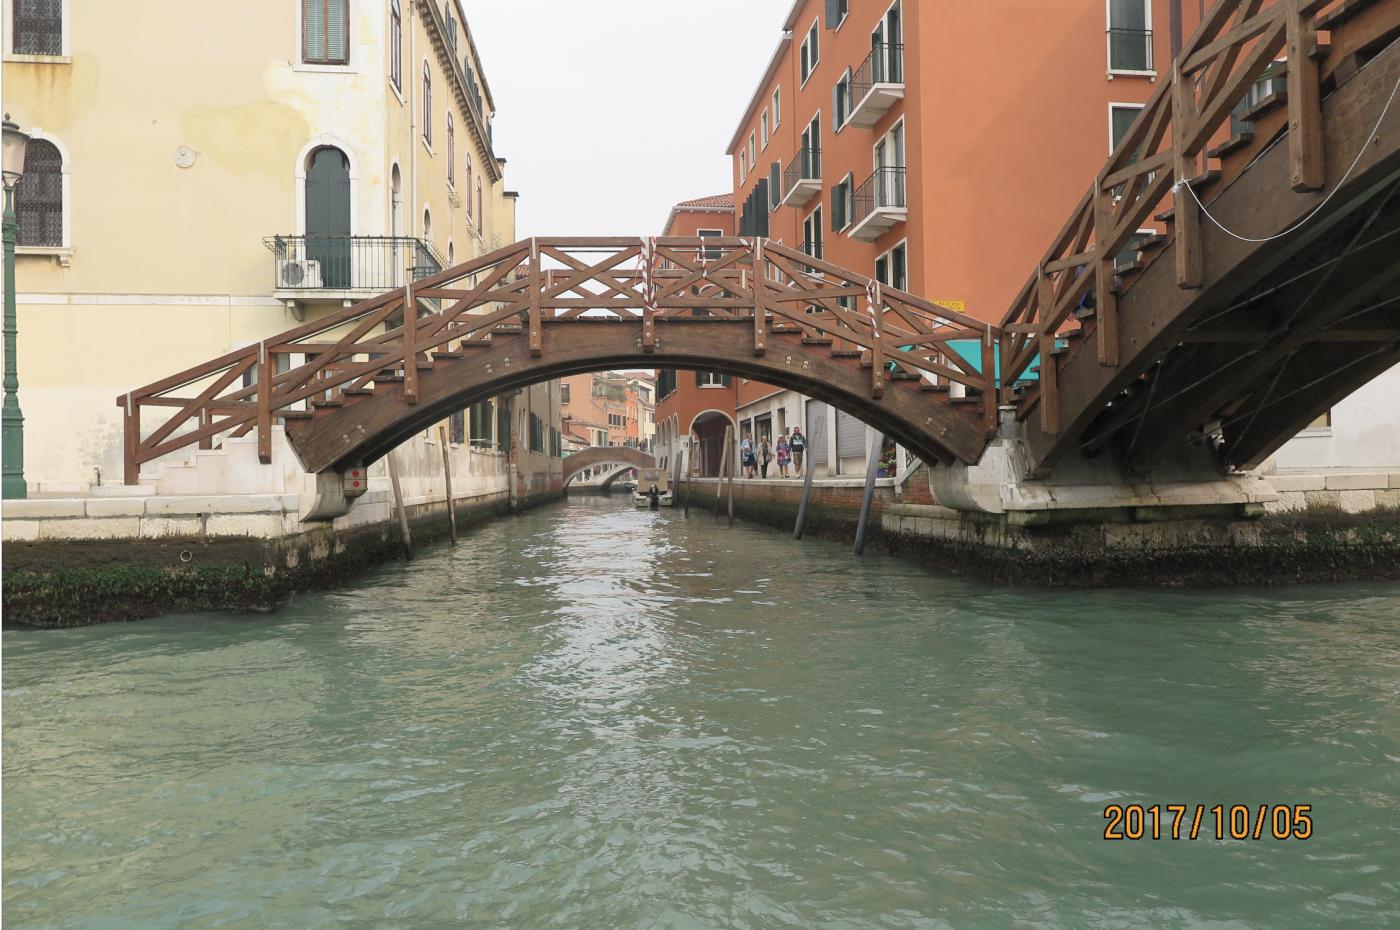 水乡威尼斯:无限的魅力永久的回忆_图1-51